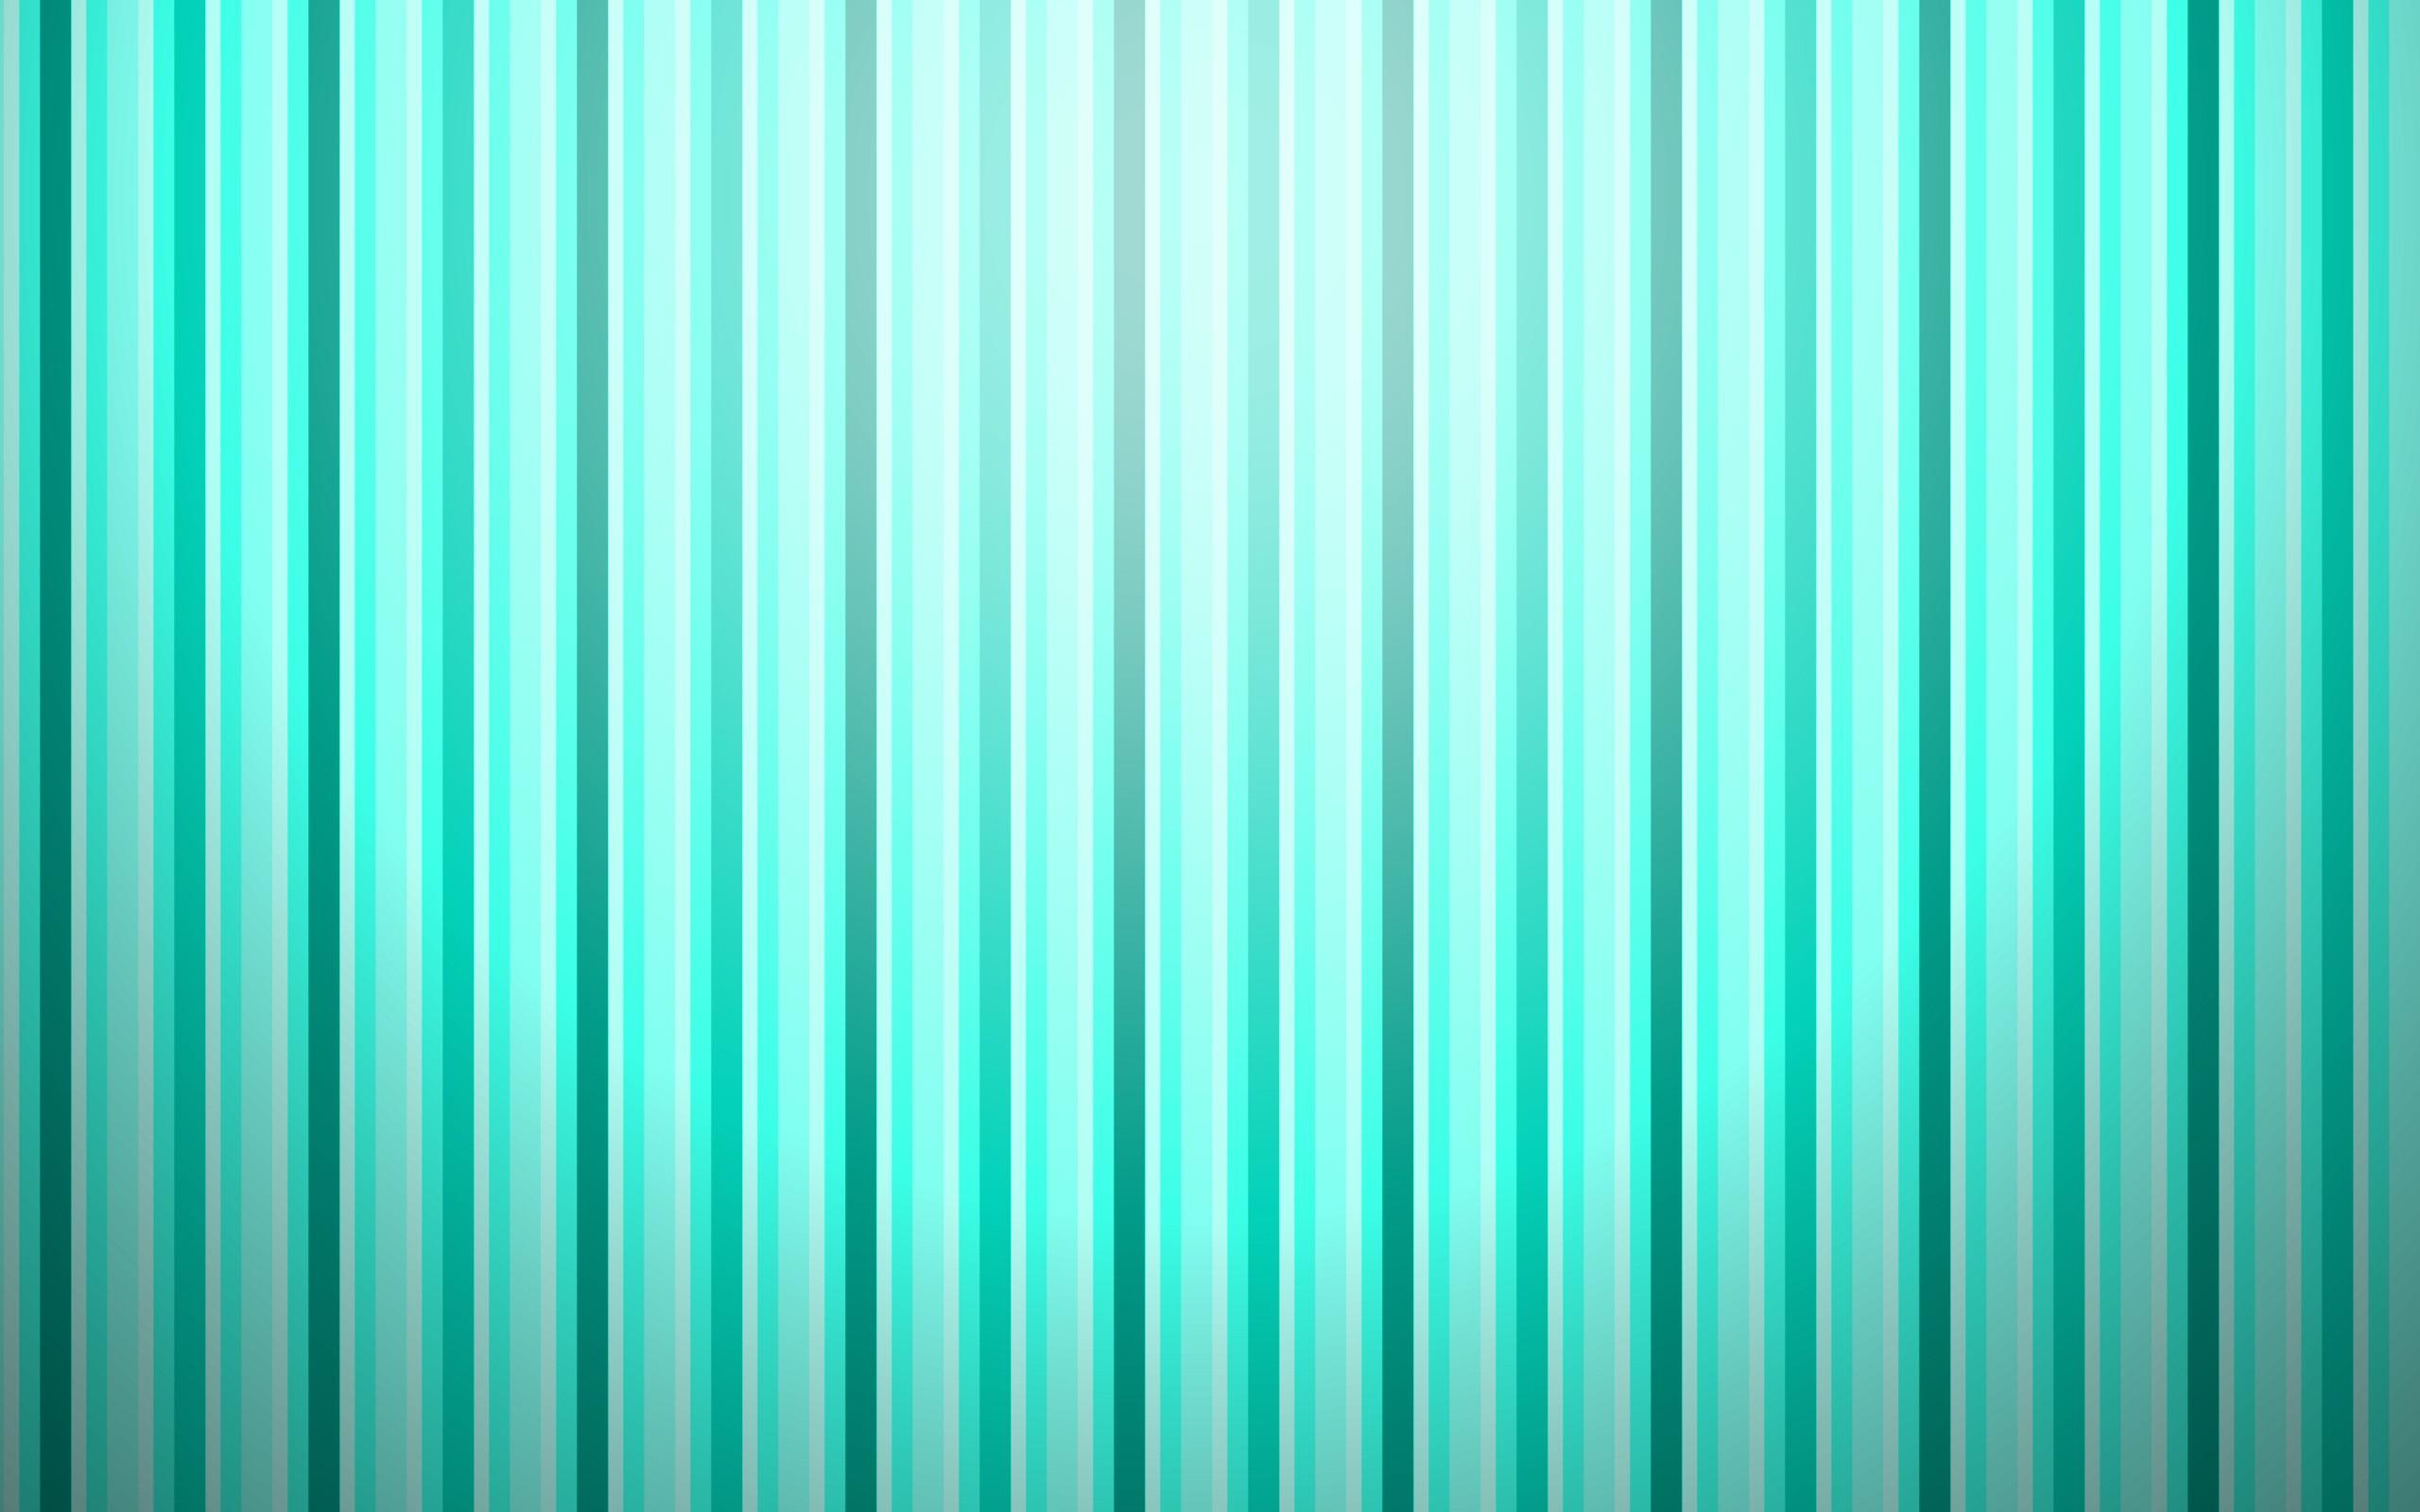 Sfondi Astratto Erba Simmetria Verde Blu Modello Struttura